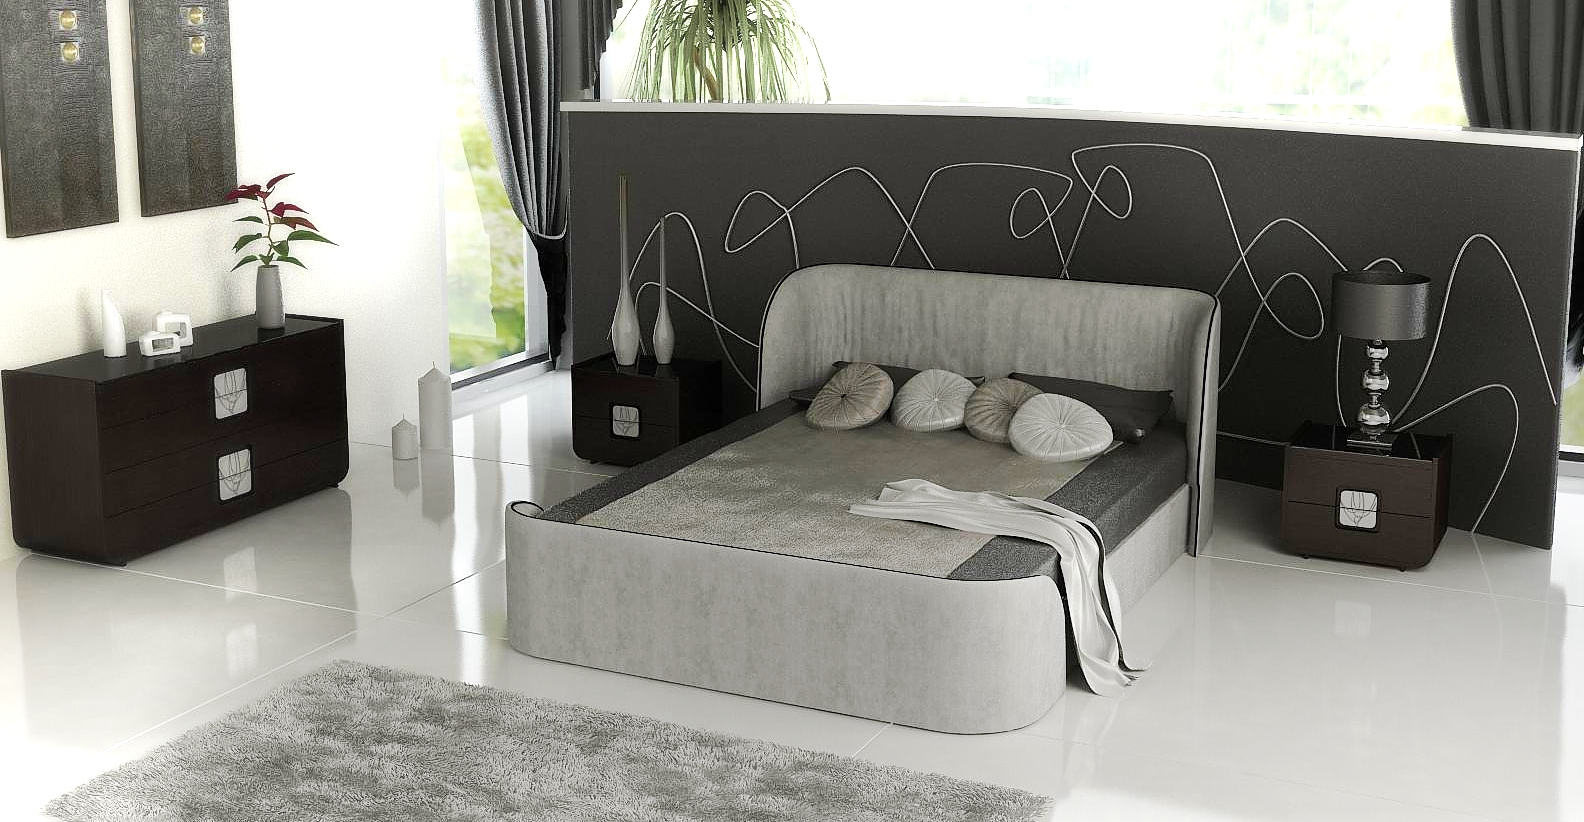 Arredamento camera da letto design iannuzzo rappresentanze for Arredamento zen camera da letto